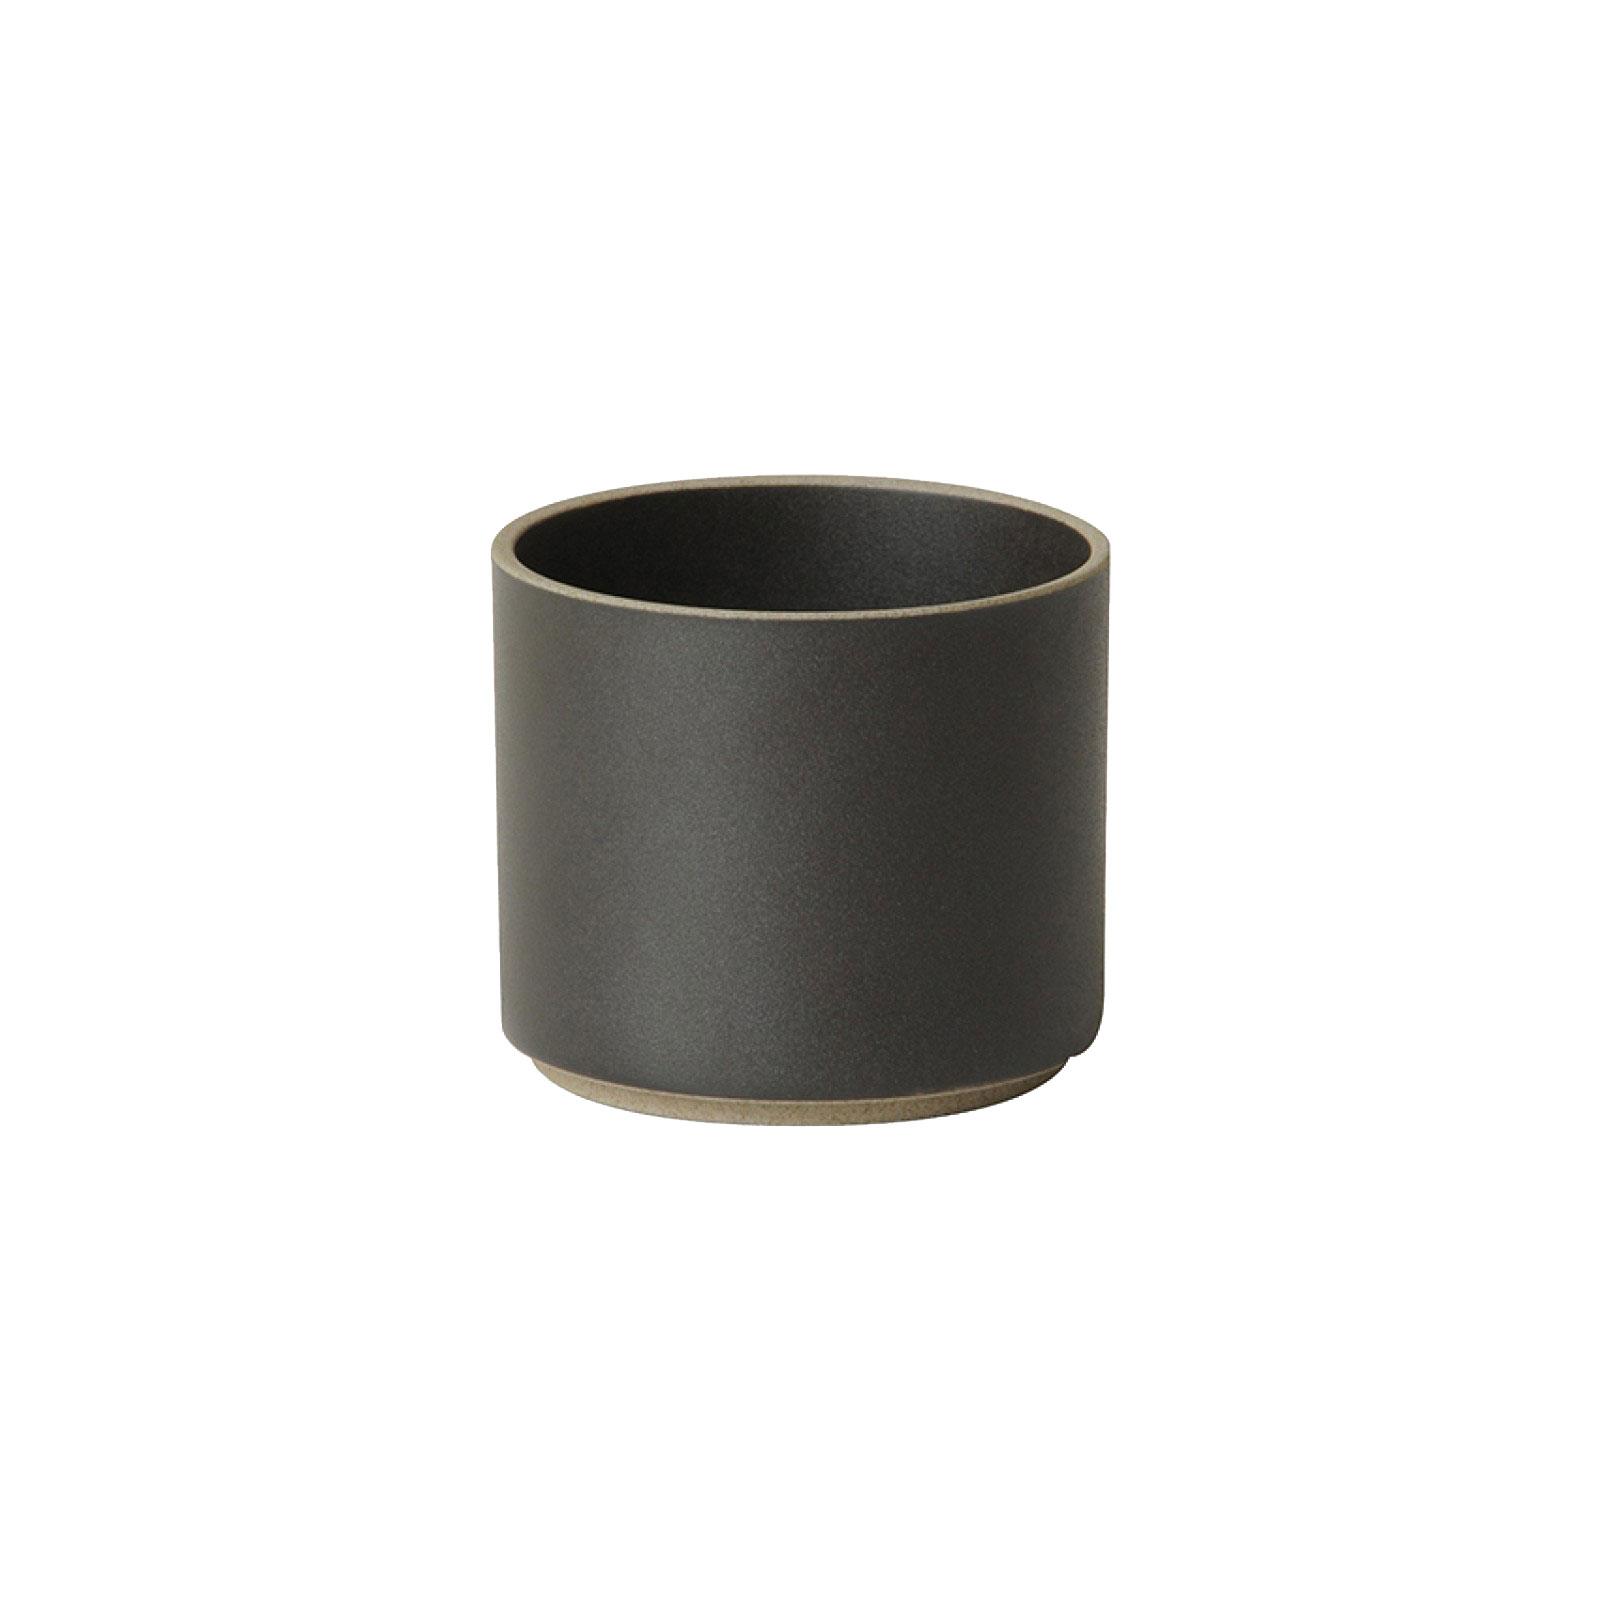 HPB013 Hasami Cup tall black Ø 8,5 cm